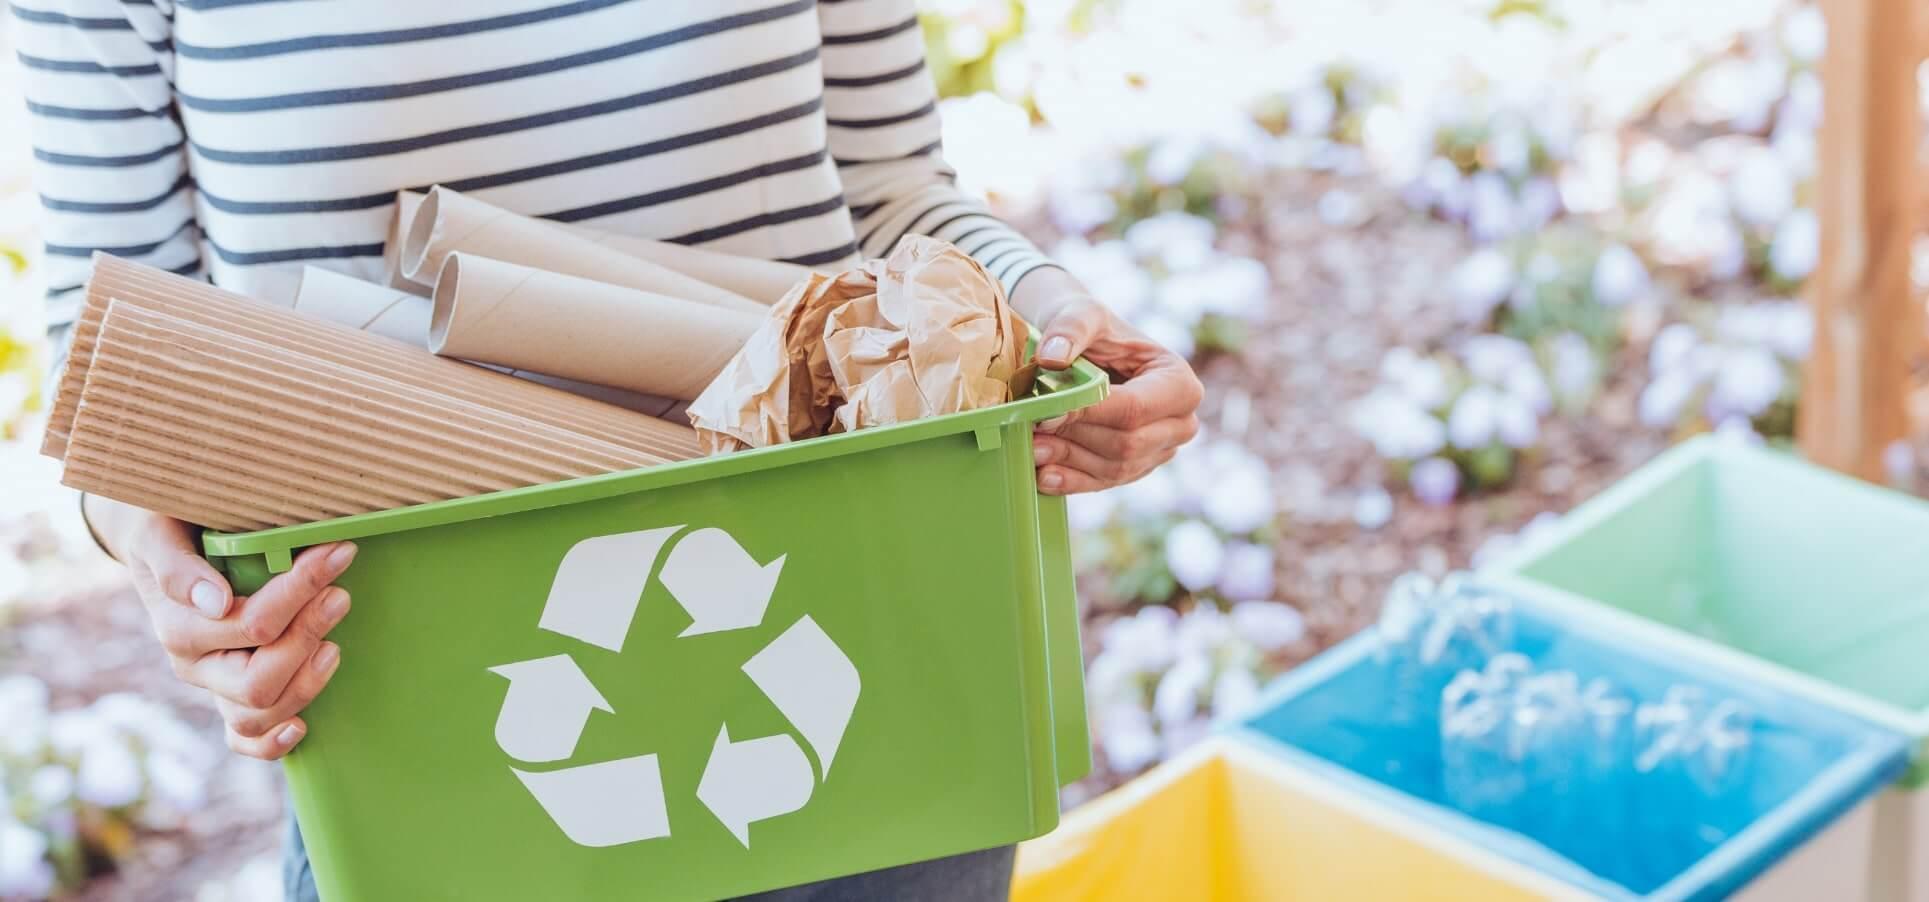 Reciklažna dvorišta